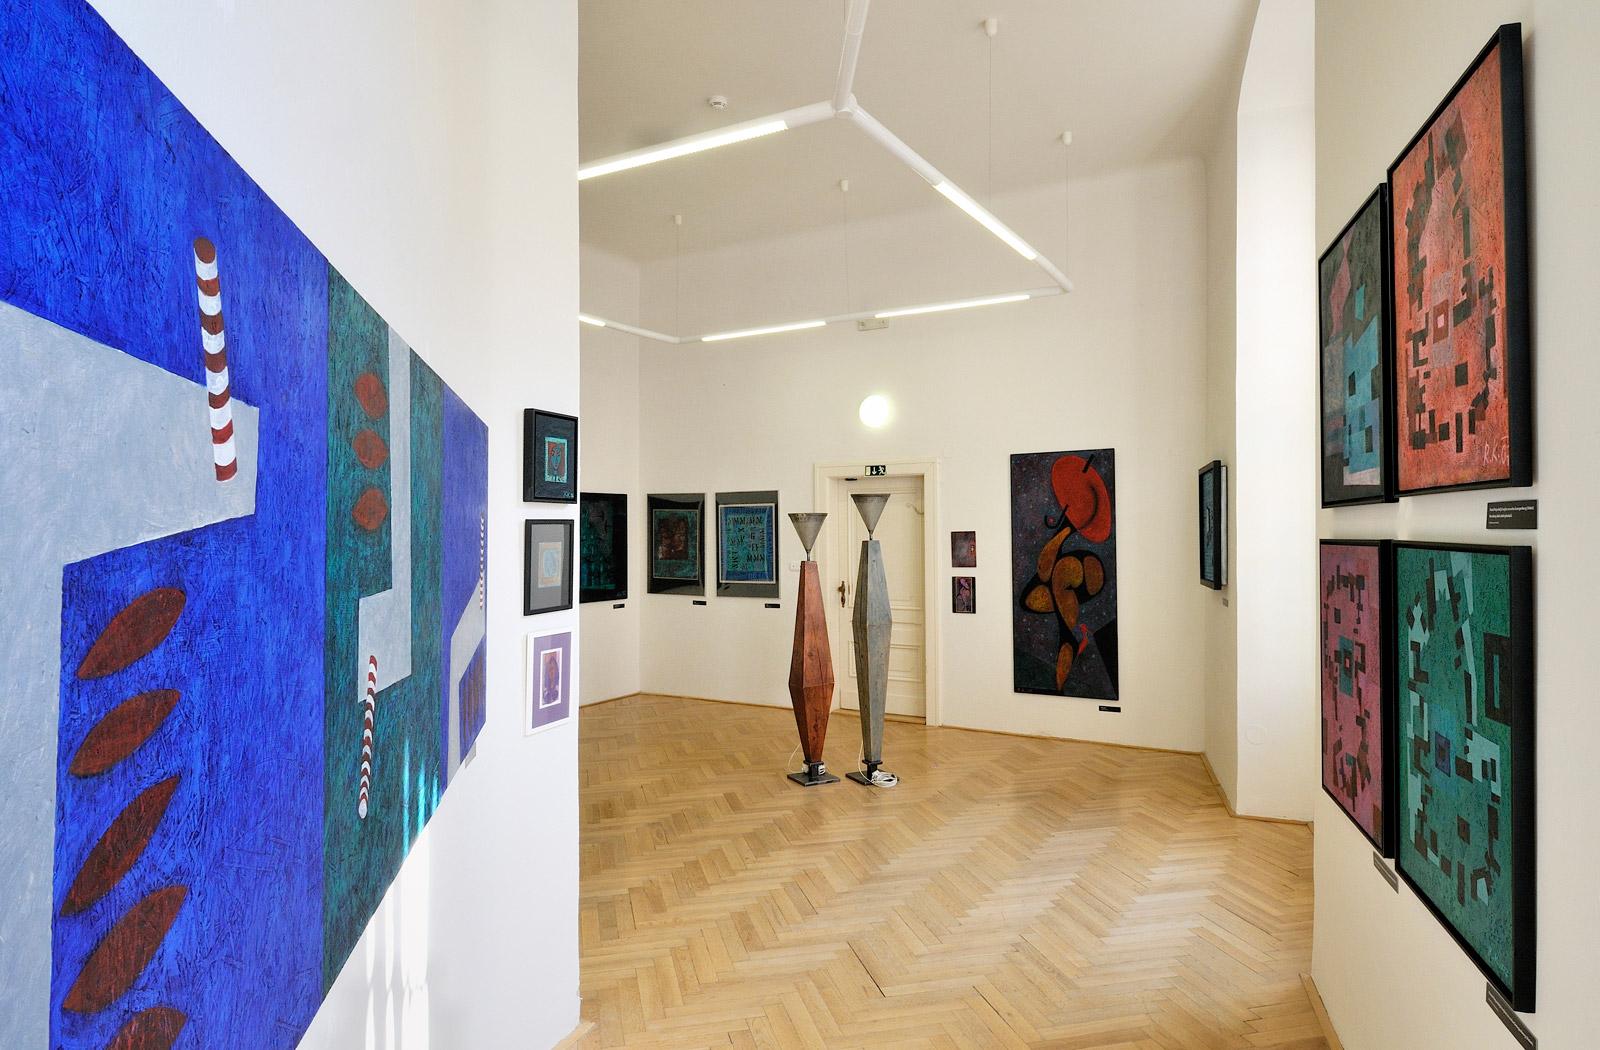 vystava-zamek-mikulov-12